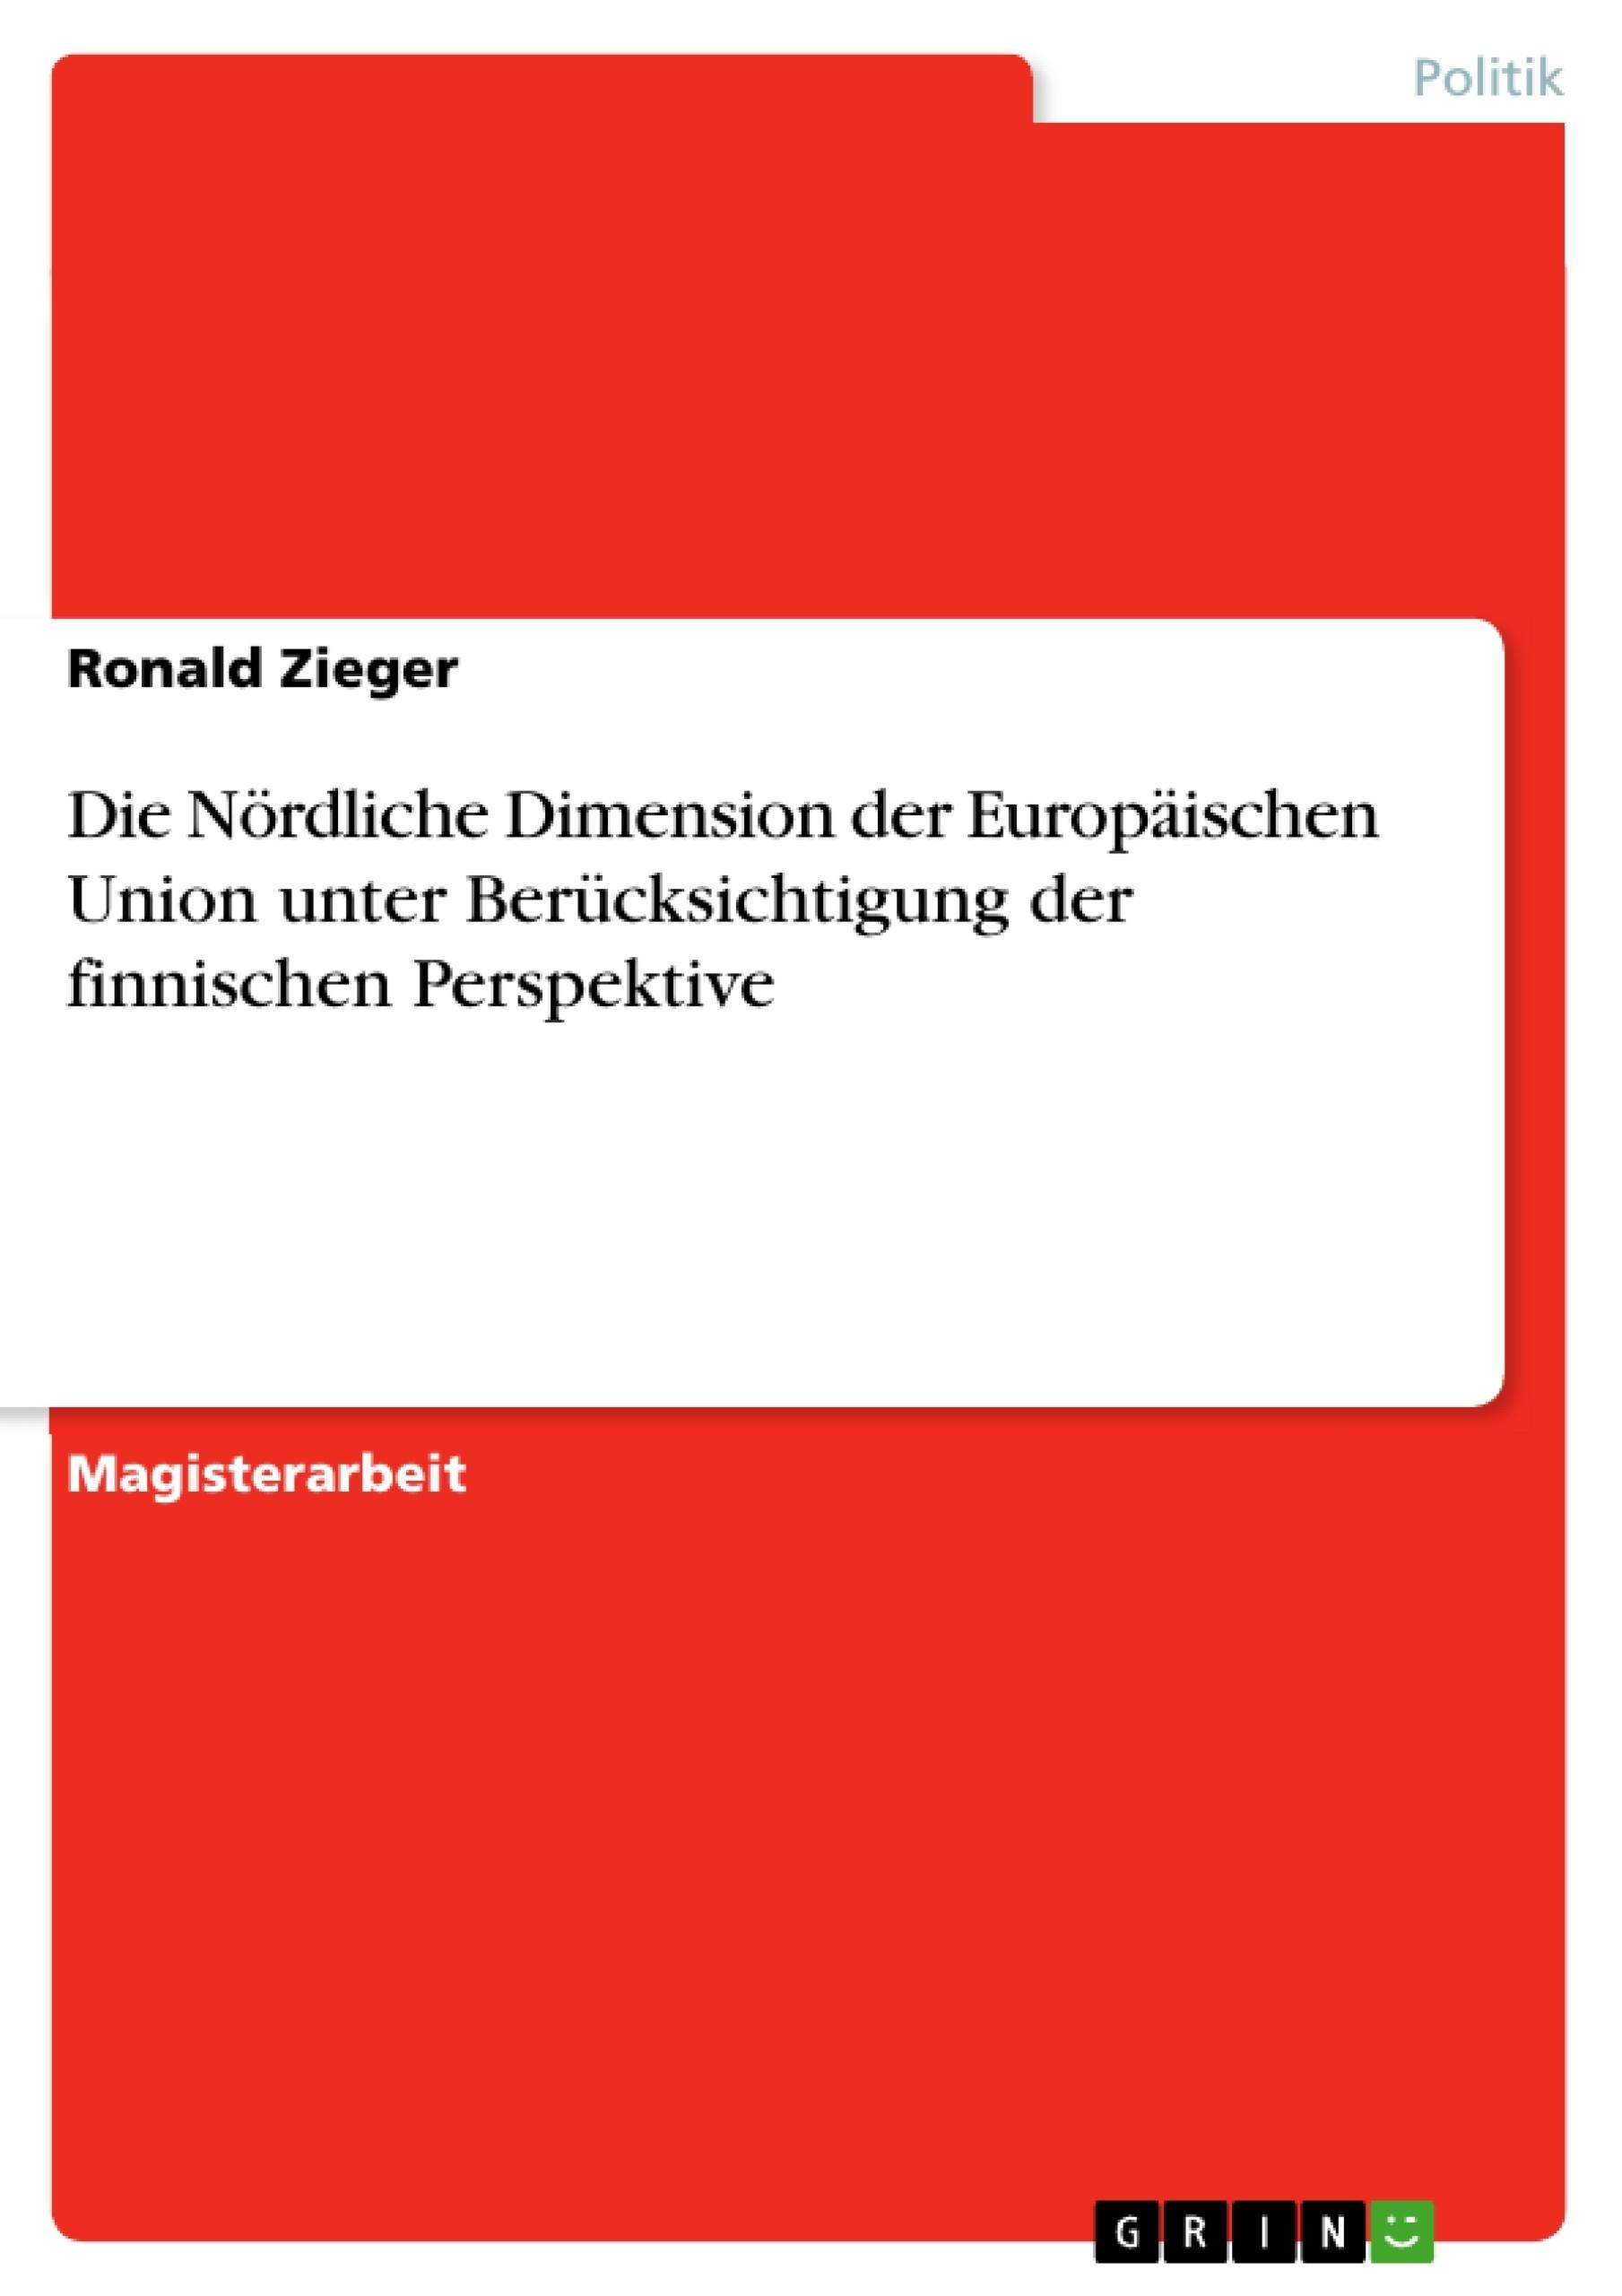 Titel: Die Nördliche Dimension der Europäischen Union unter Berücksichtigung der finnischen Perspektive